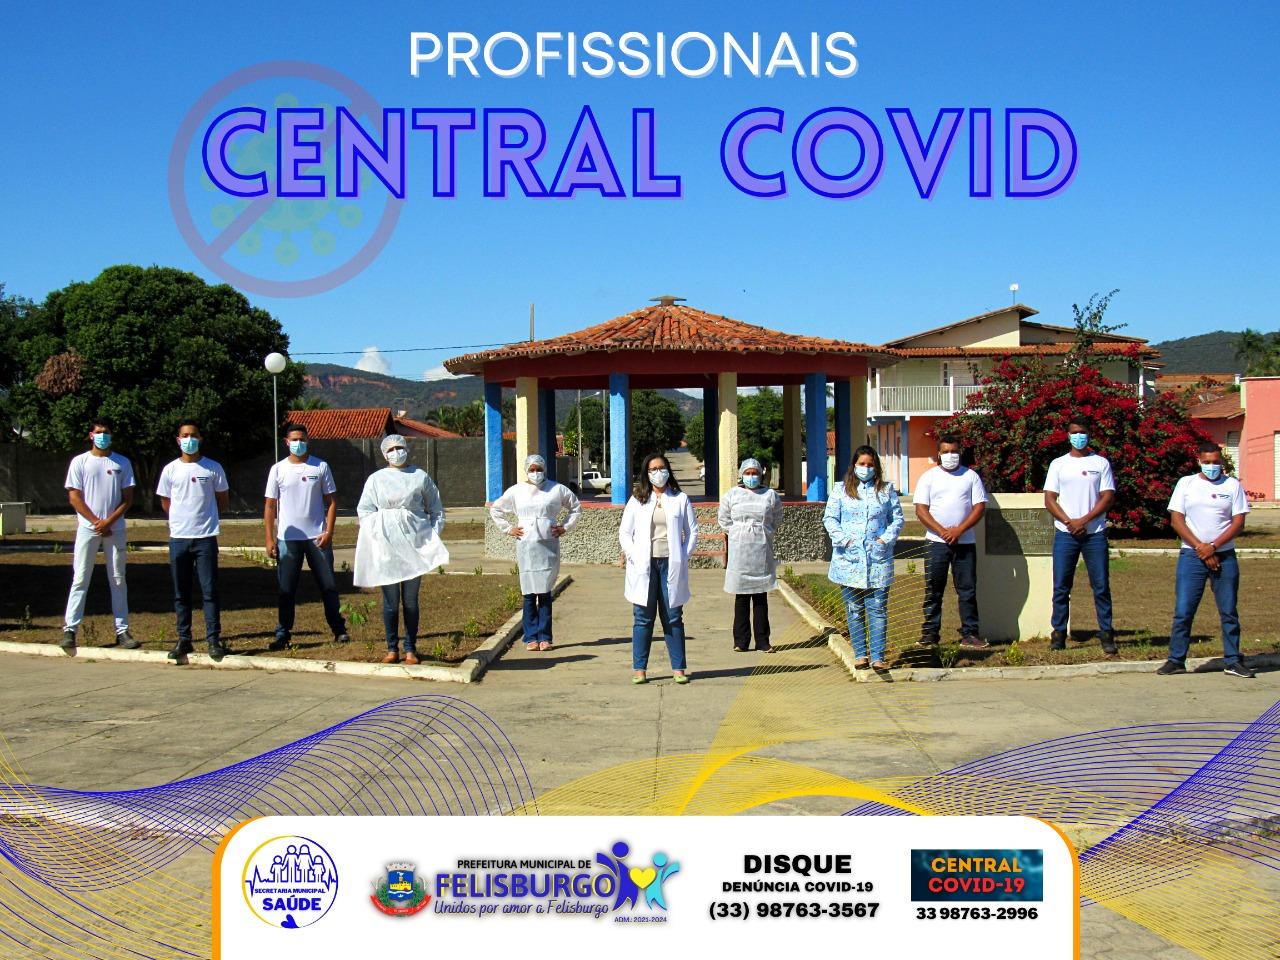 CONTEÚDO IMPORTANTE DA CENTRAL COVID-19